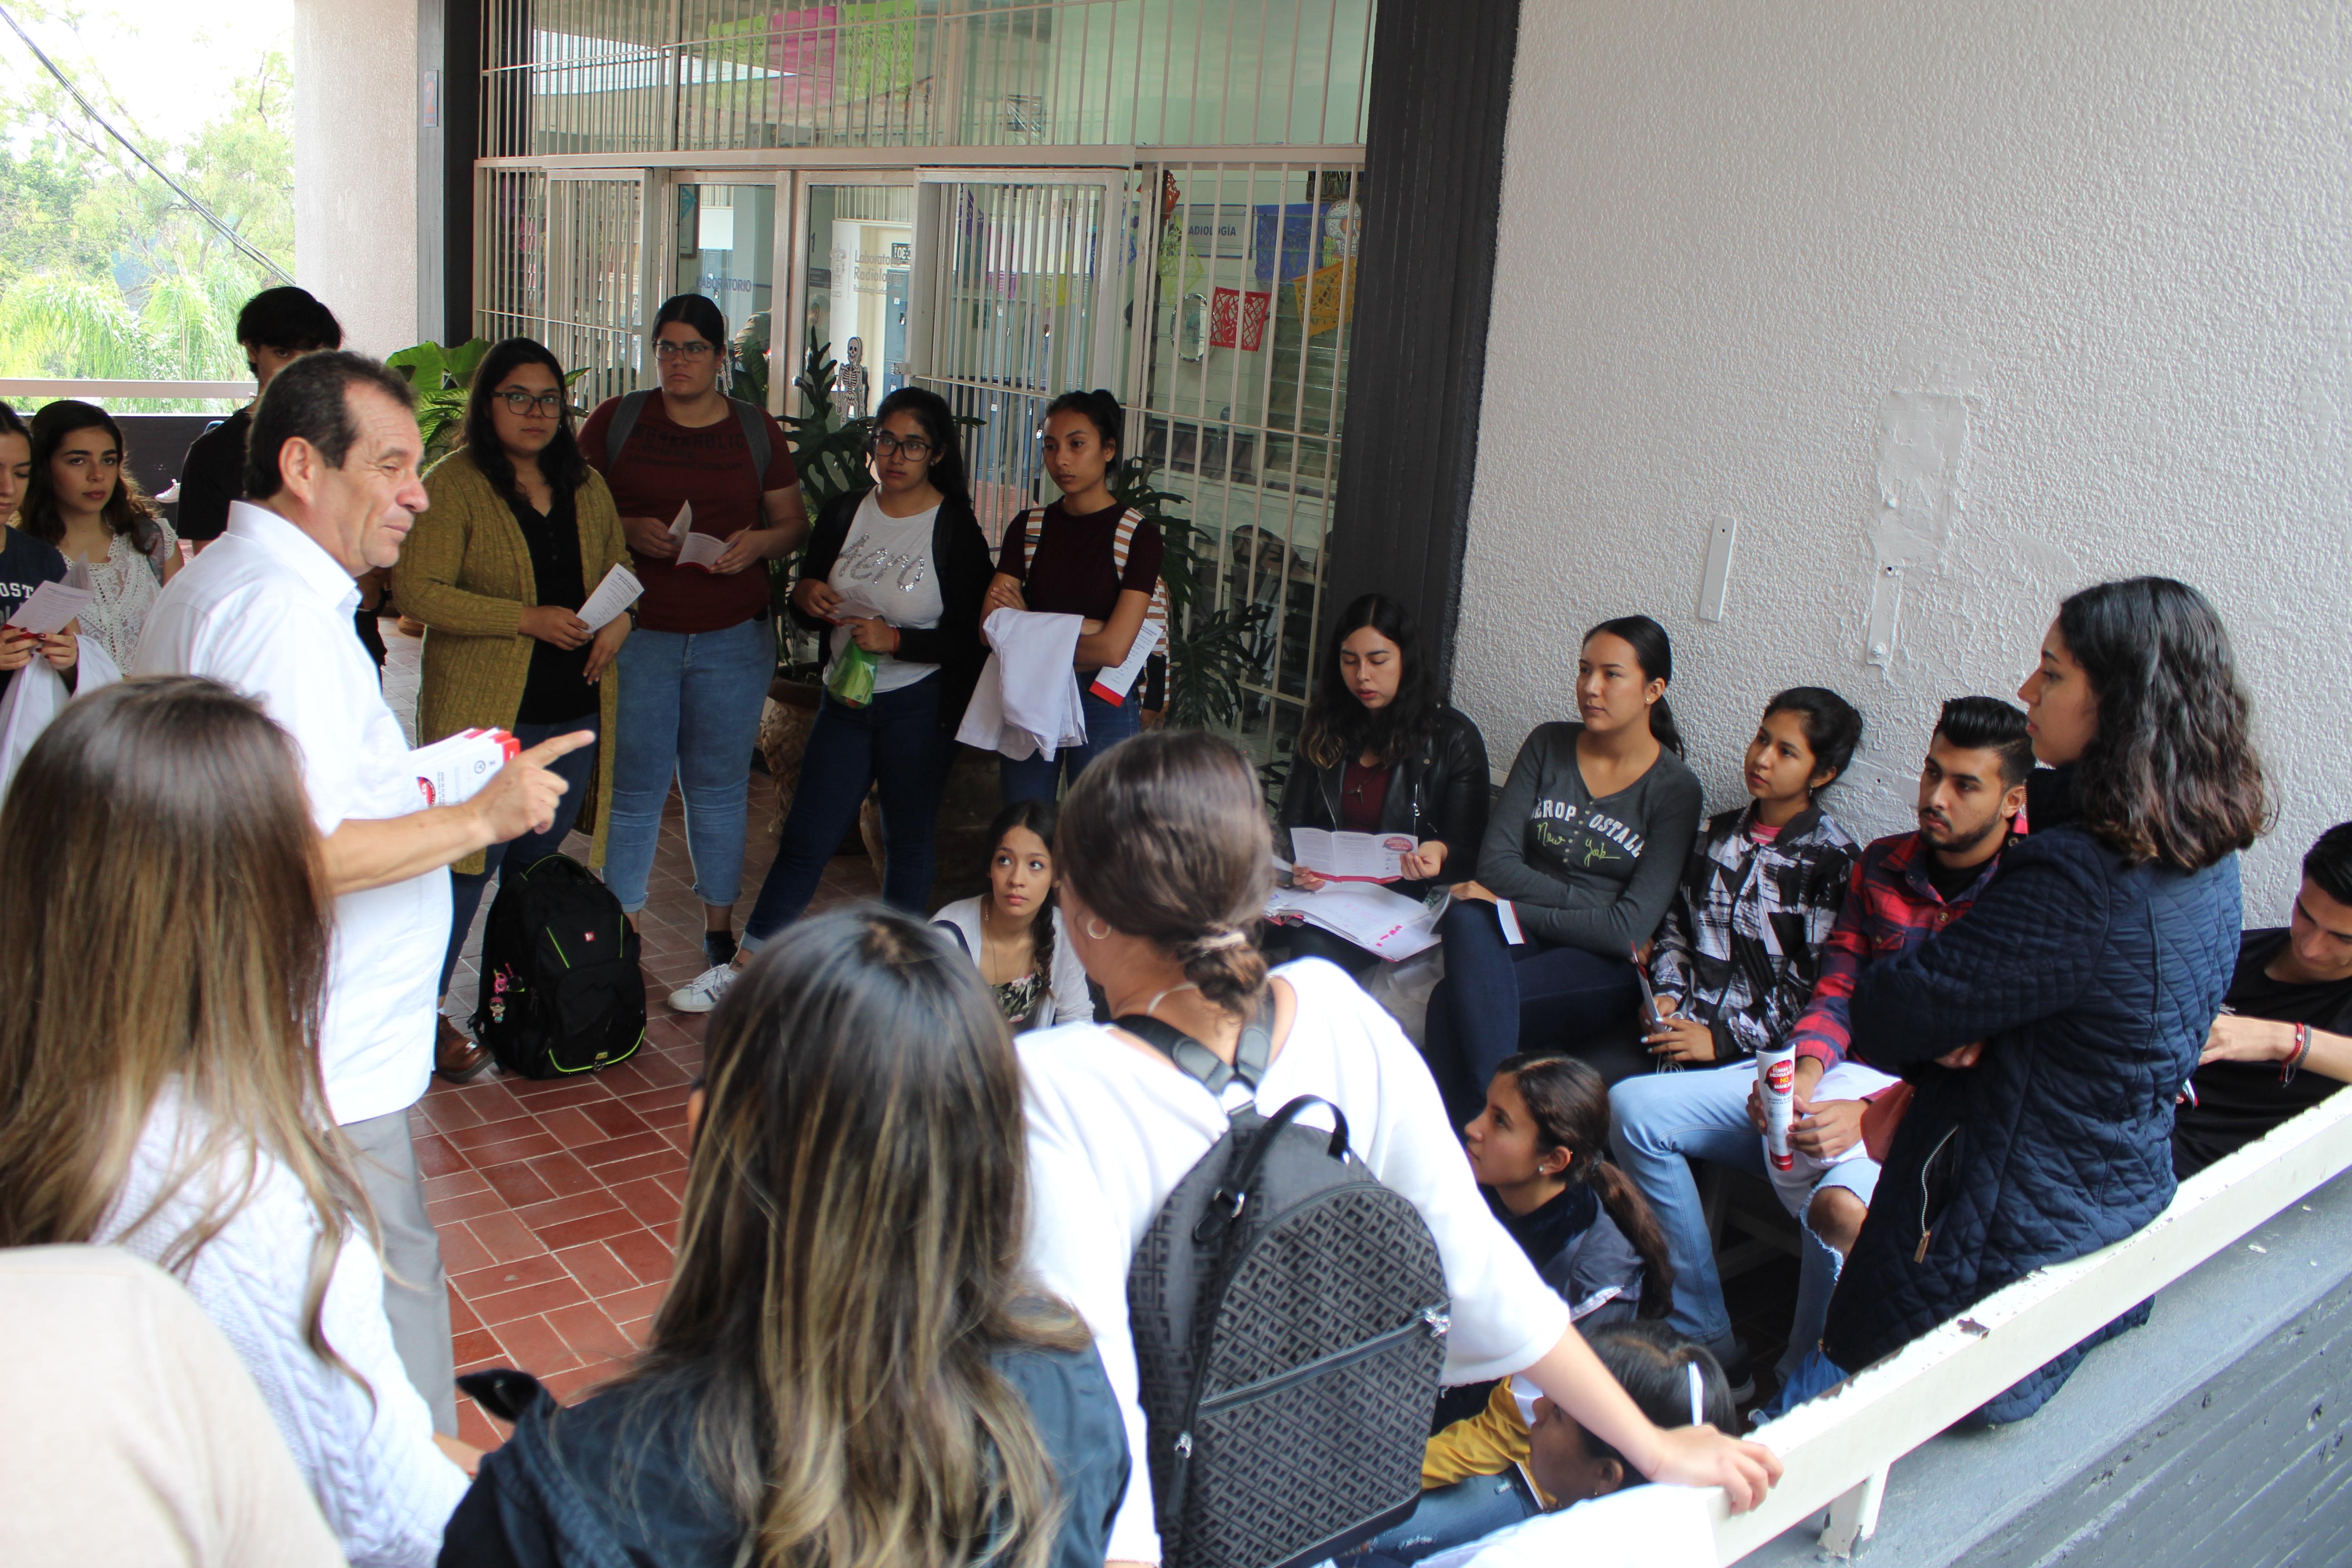 Diputado hablando de su campaña con alumnos sentados en el suelo en uno de los pasillos de Odontología